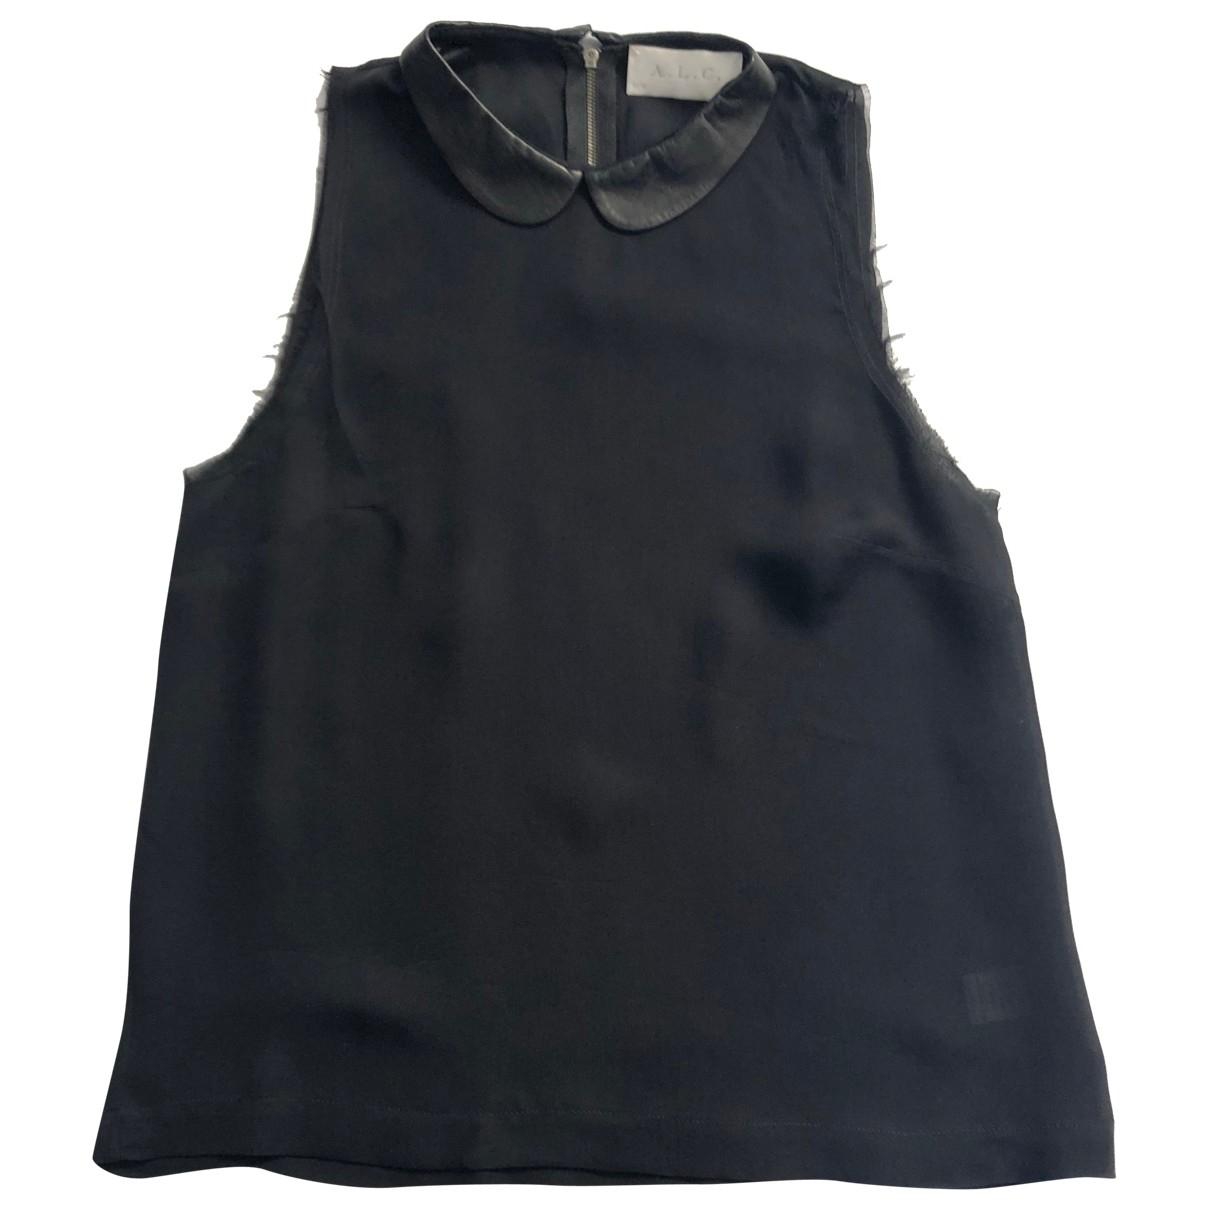 A.l.c - Top   pour femme en soie - noir